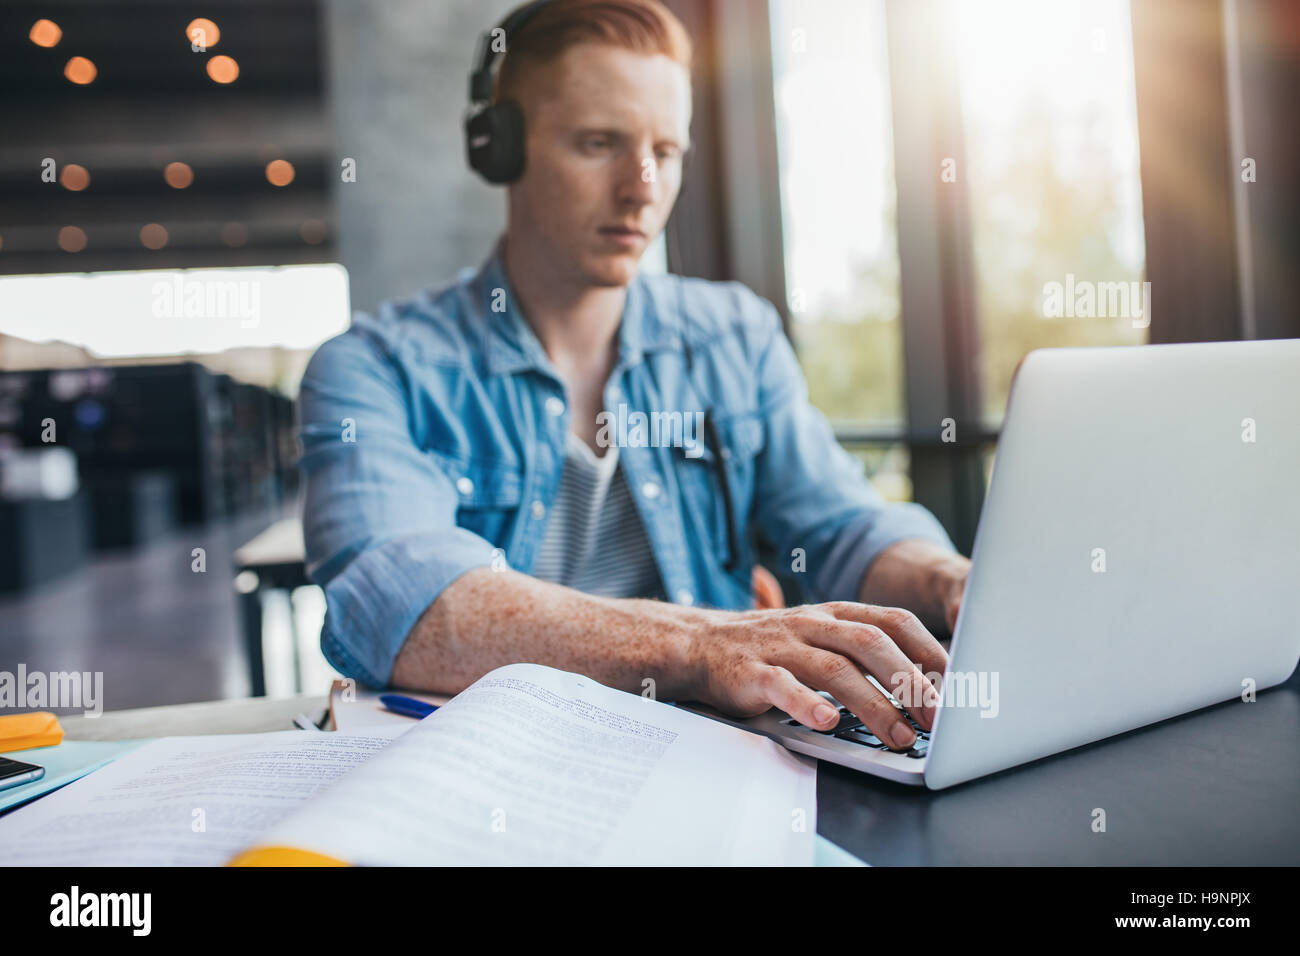 Männliche Schüler in Universitätsbibliothek mit Laptop. Junger Mann im Auftrag der Schule zu studieren. Stockbild